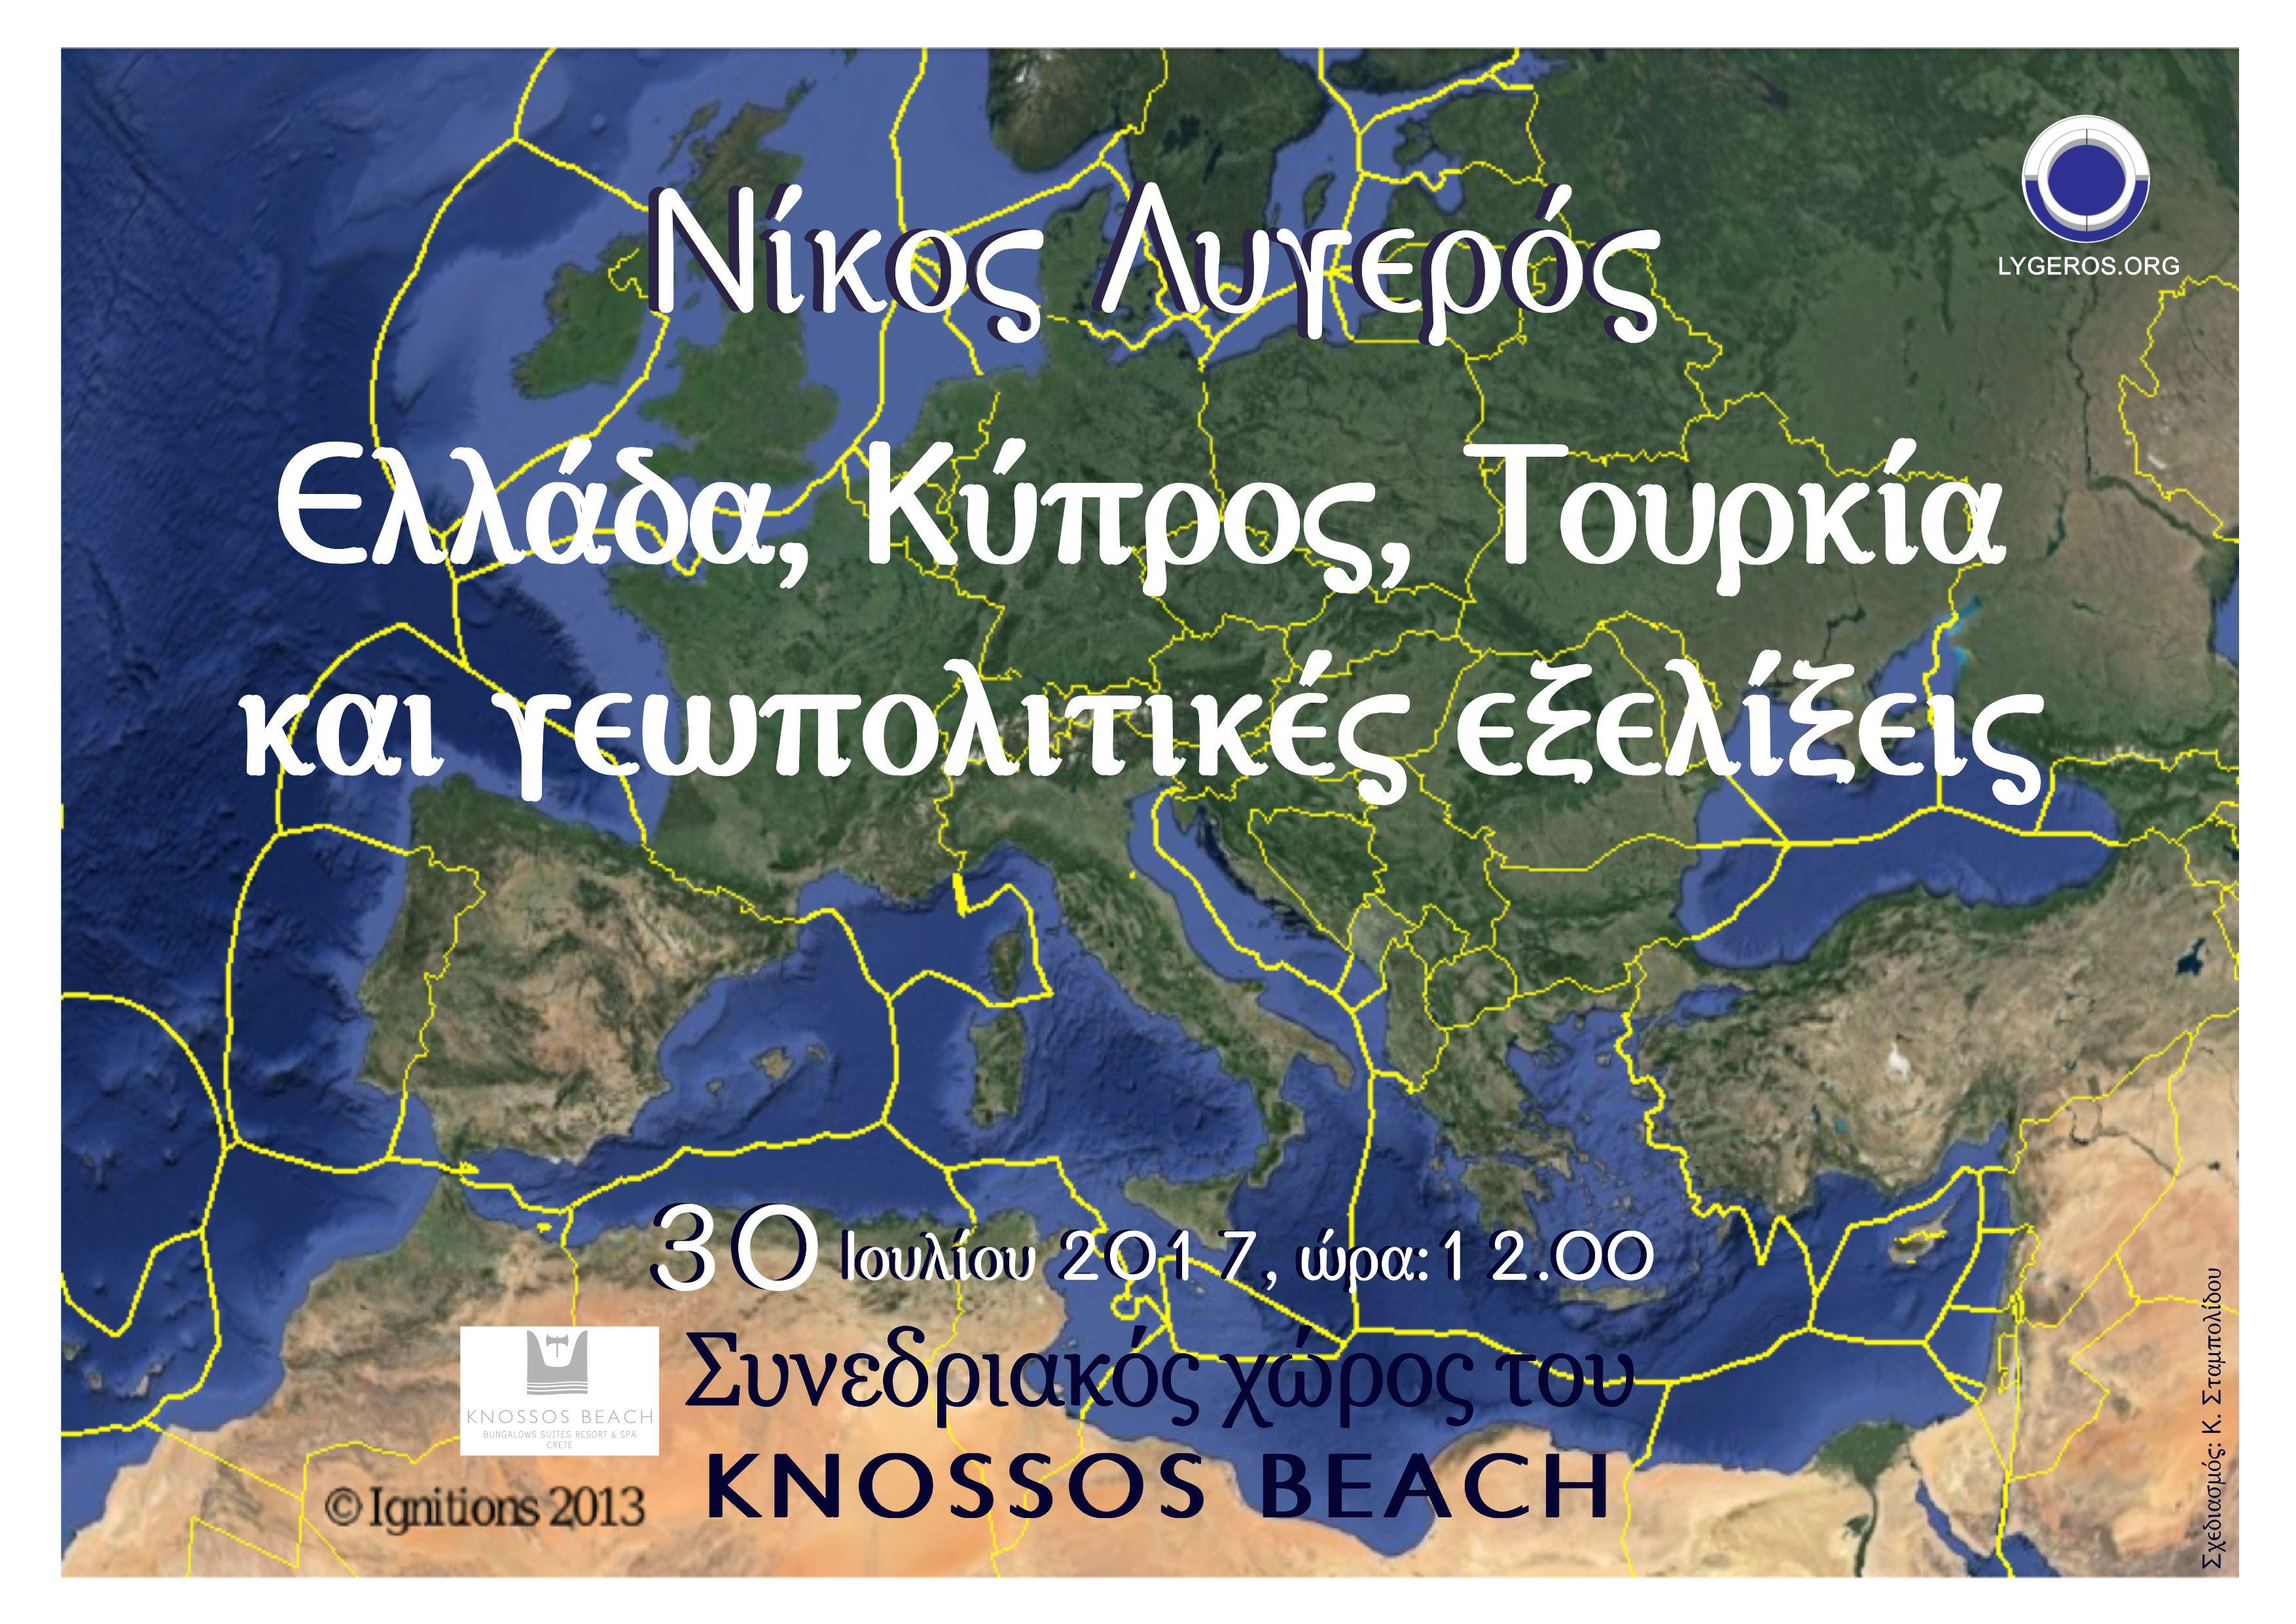 Διάλεξη: Ελλάδα, Κύπρος, Τουρκία και γεωπολιτικές εξελίξεις